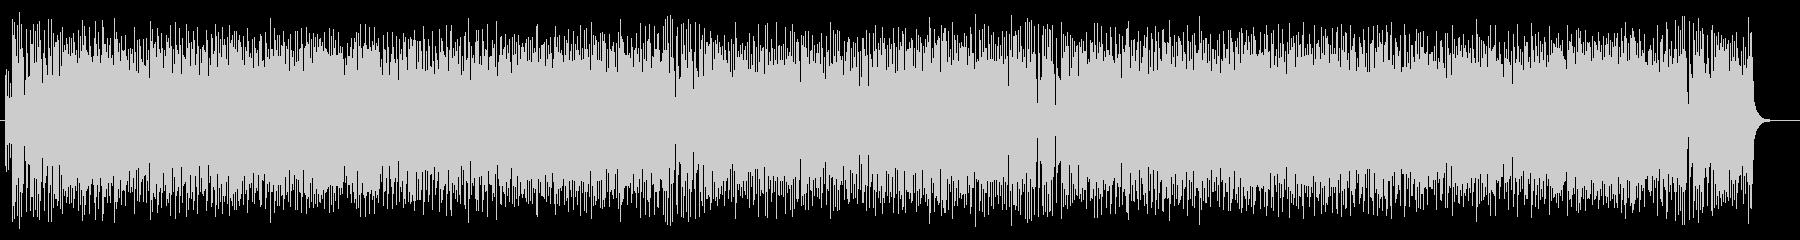 コミカルで和風の弦楽器シンセサウンドの未再生の波形